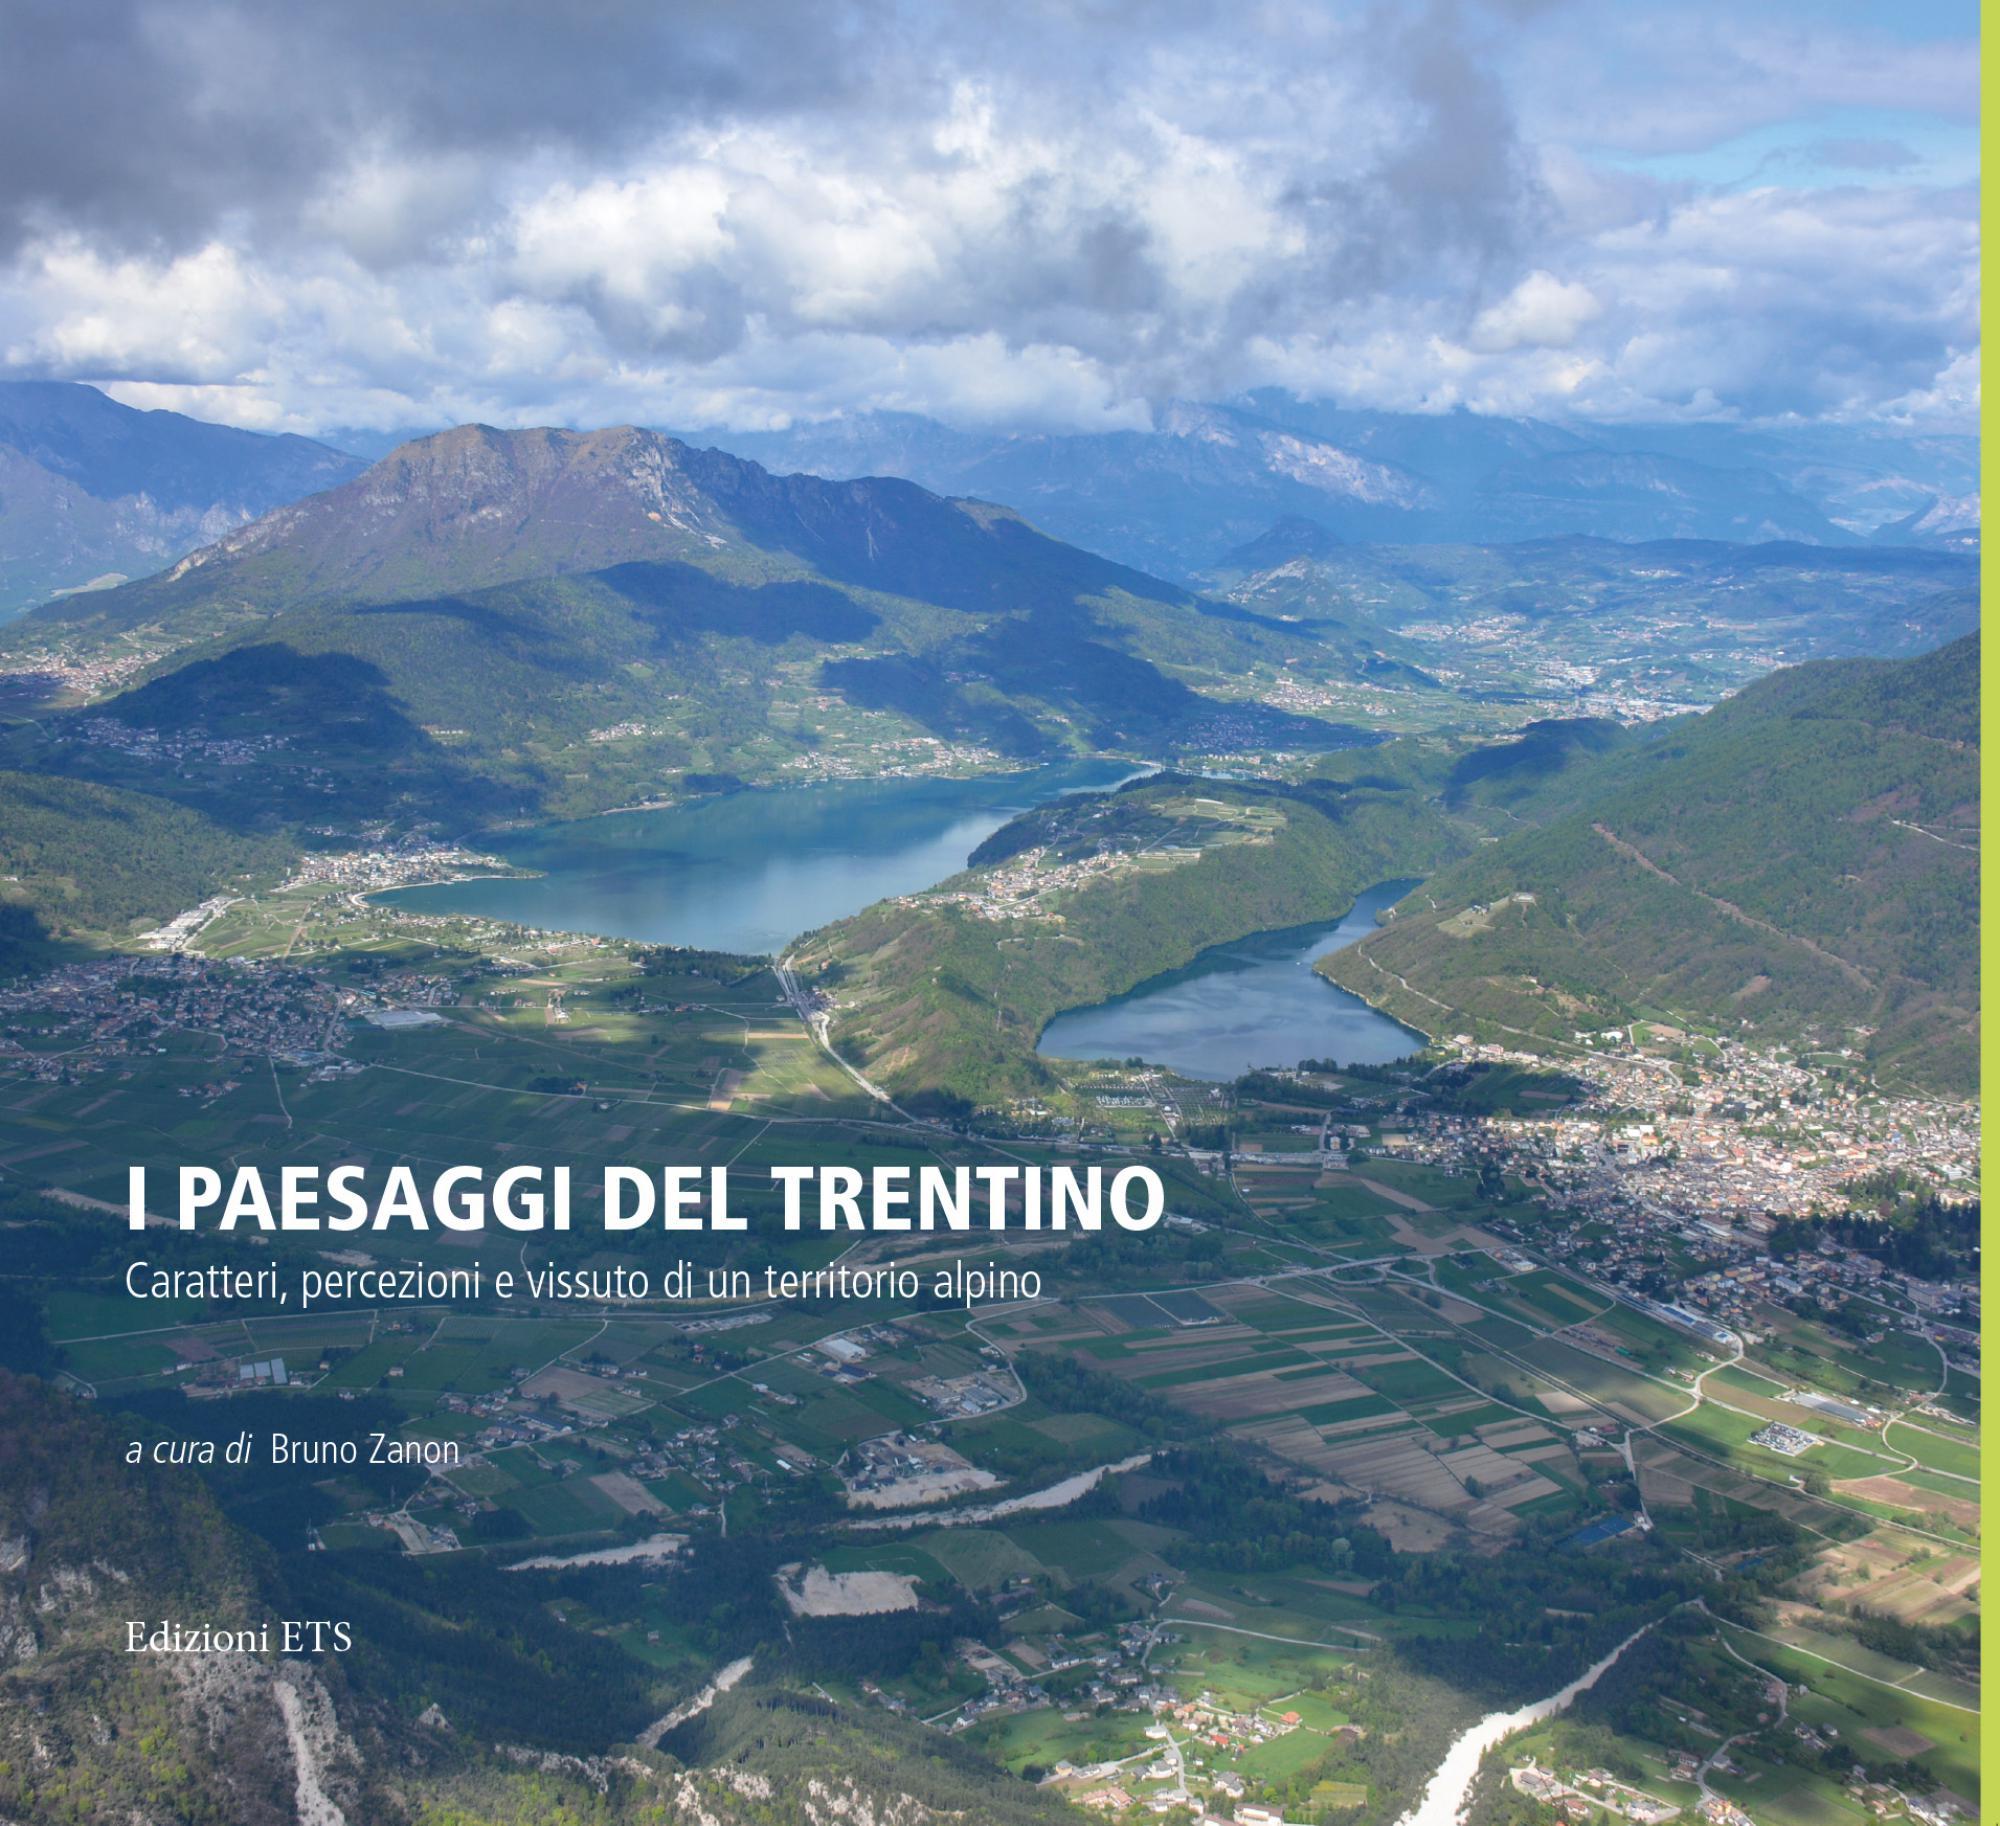 I paesaggi del Trentino.Caratteri, percezioni e vissuto di un territorio alpino